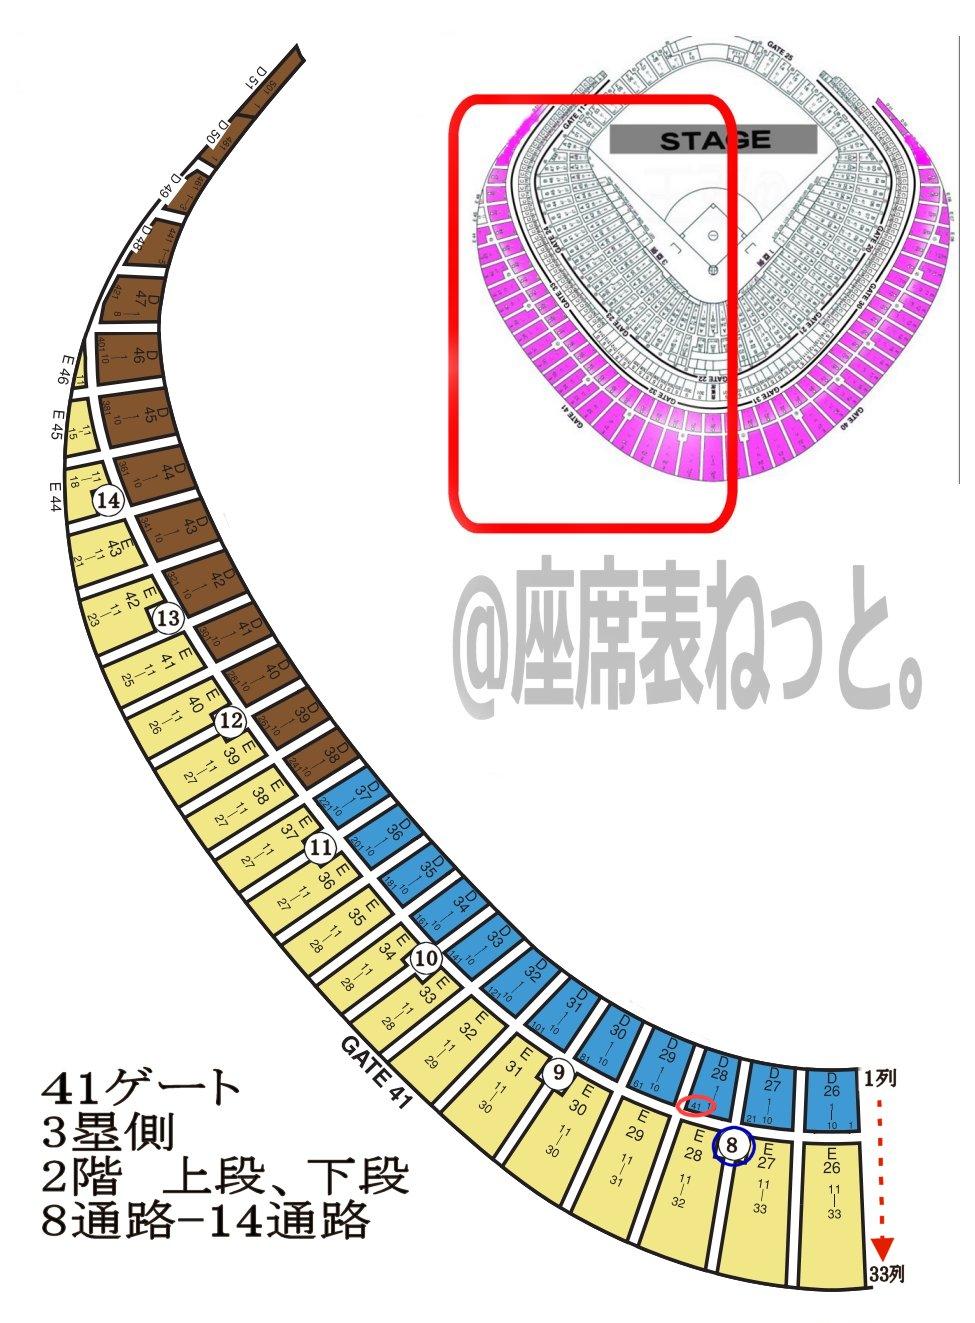 東京ドーム 41ゲート 3塁側  2階上段 8から14通路 2階下段 8から14通路 詳細座席表